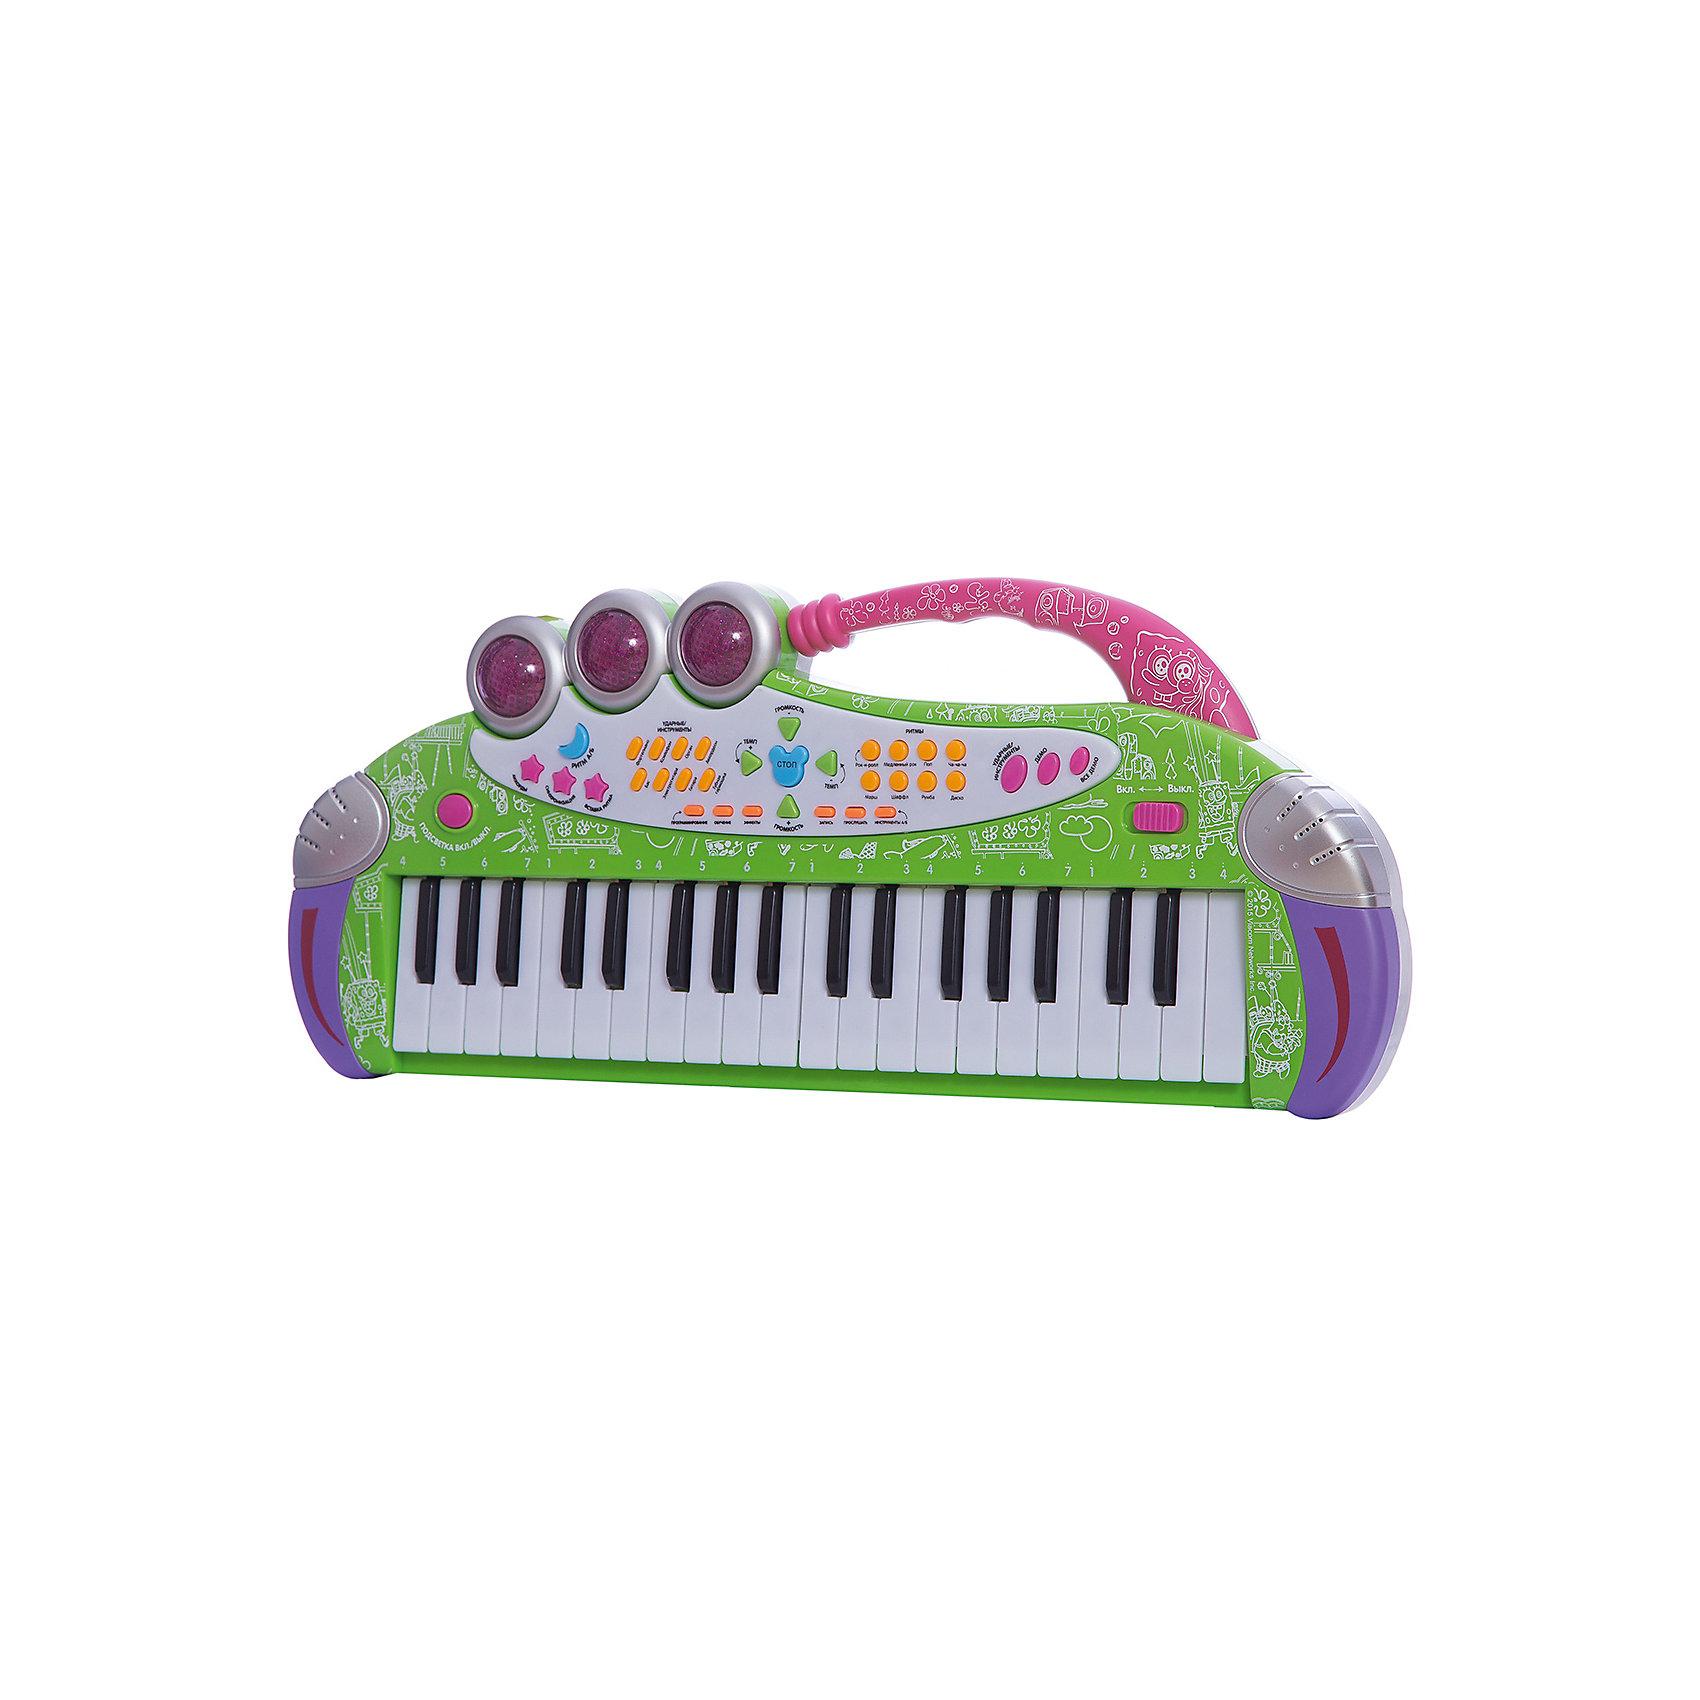 Игрушка-синтезатор Весенняя мелодия , с микрофоном, со светом, Губка БобИгрушки<br>Многофункциональный синтезатор Губка Боб познакомит ребёнка с увлекательным миром музыки. С этим музыкальным инструментом не придётся скучать: записывайте и прослушивайте звук, воспроизводите уже готовые мелодии или создавайте свои!  В процессе игры развивается звуковое восприятие и творческое мышление. <br><br>Преимущества:<br>37 электронных клавиш <br>36 функциональных кнопок<br>16 музыкальных инструментов<br>16 ритмов<br>8 ударных инструментов<br>6 демонстрационных мелодий<br>Регулировка громкости и темпа<br>Обучающая программа<br>Функция Запись\Воспроизведение<br>Взятие аккордов одним или несколькими пальцами<br>Функция Автовыключение<br>Световые эффекты<br>Микрофон<br><br>Ширина мм: 525<br>Глубина мм: 220<br>Высота мм: 65<br>Вес г: 930<br>Возраст от месяцев: 36<br>Возраст до месяцев: 72<br>Пол: Унисекс<br>Возраст: Детский<br>SKU: 4951865